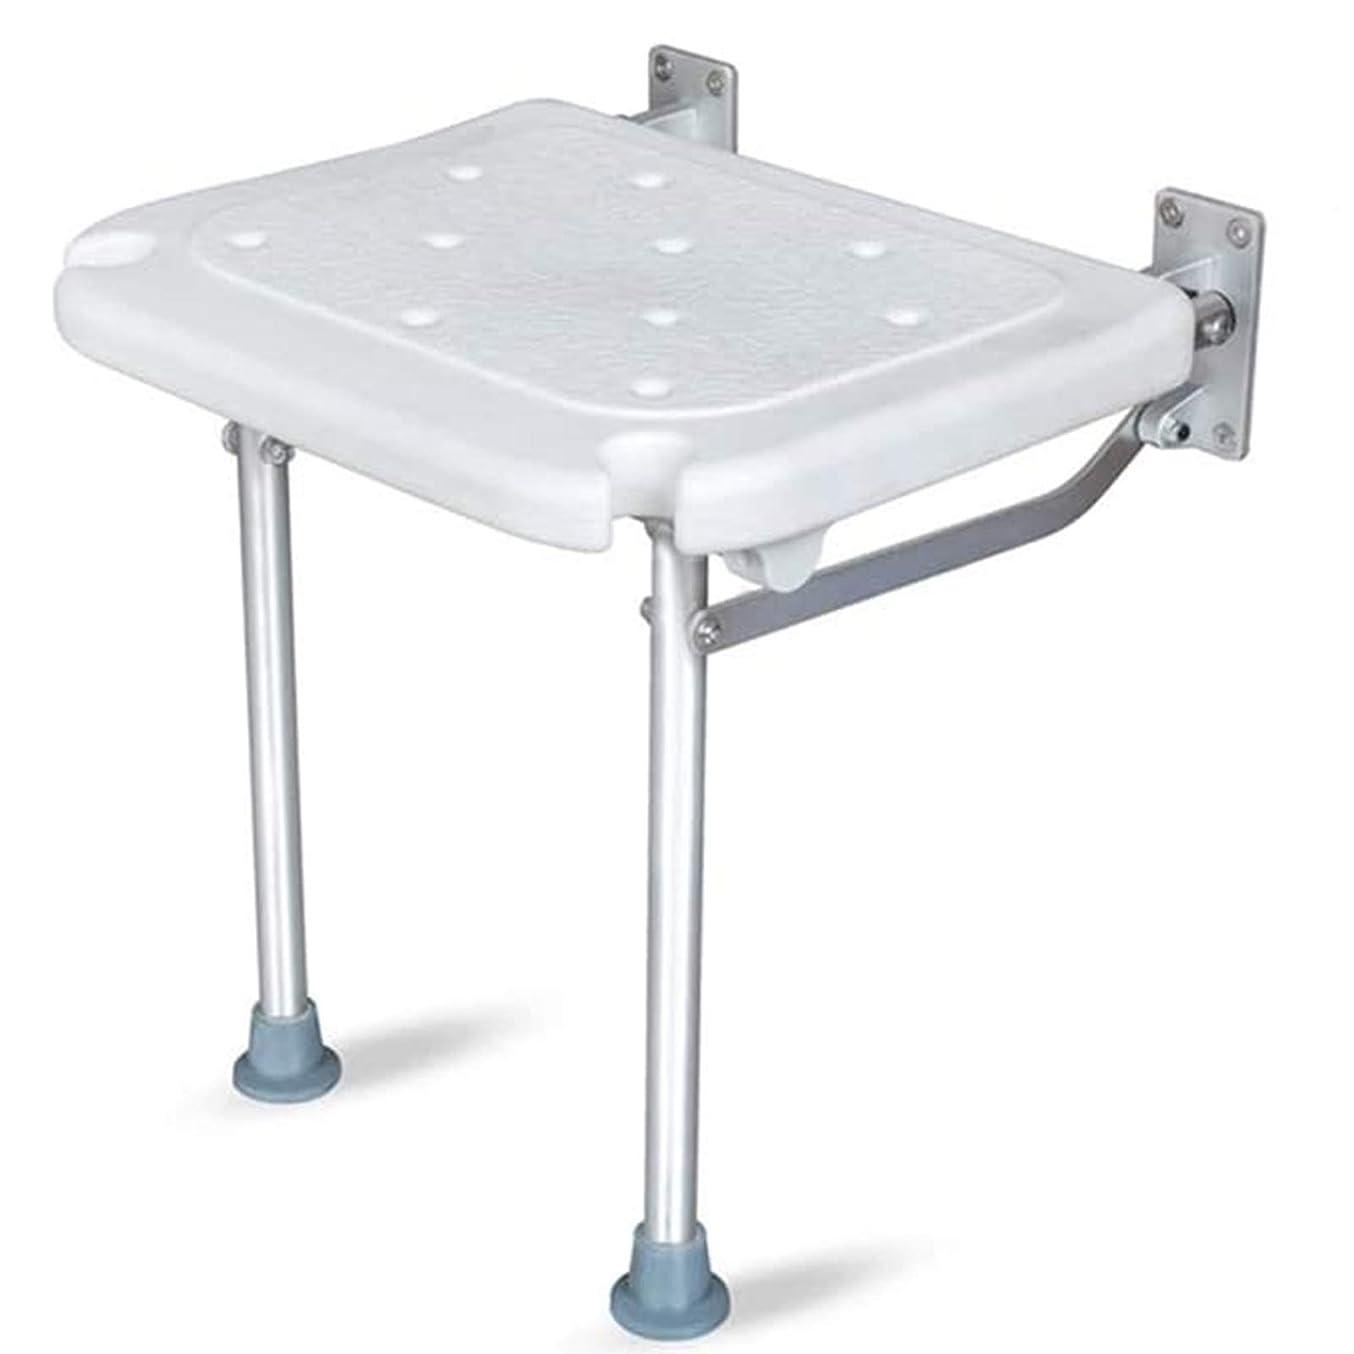 食事まともな月面折りたたみ式シートシャワーチェア壁掛け式バススツール